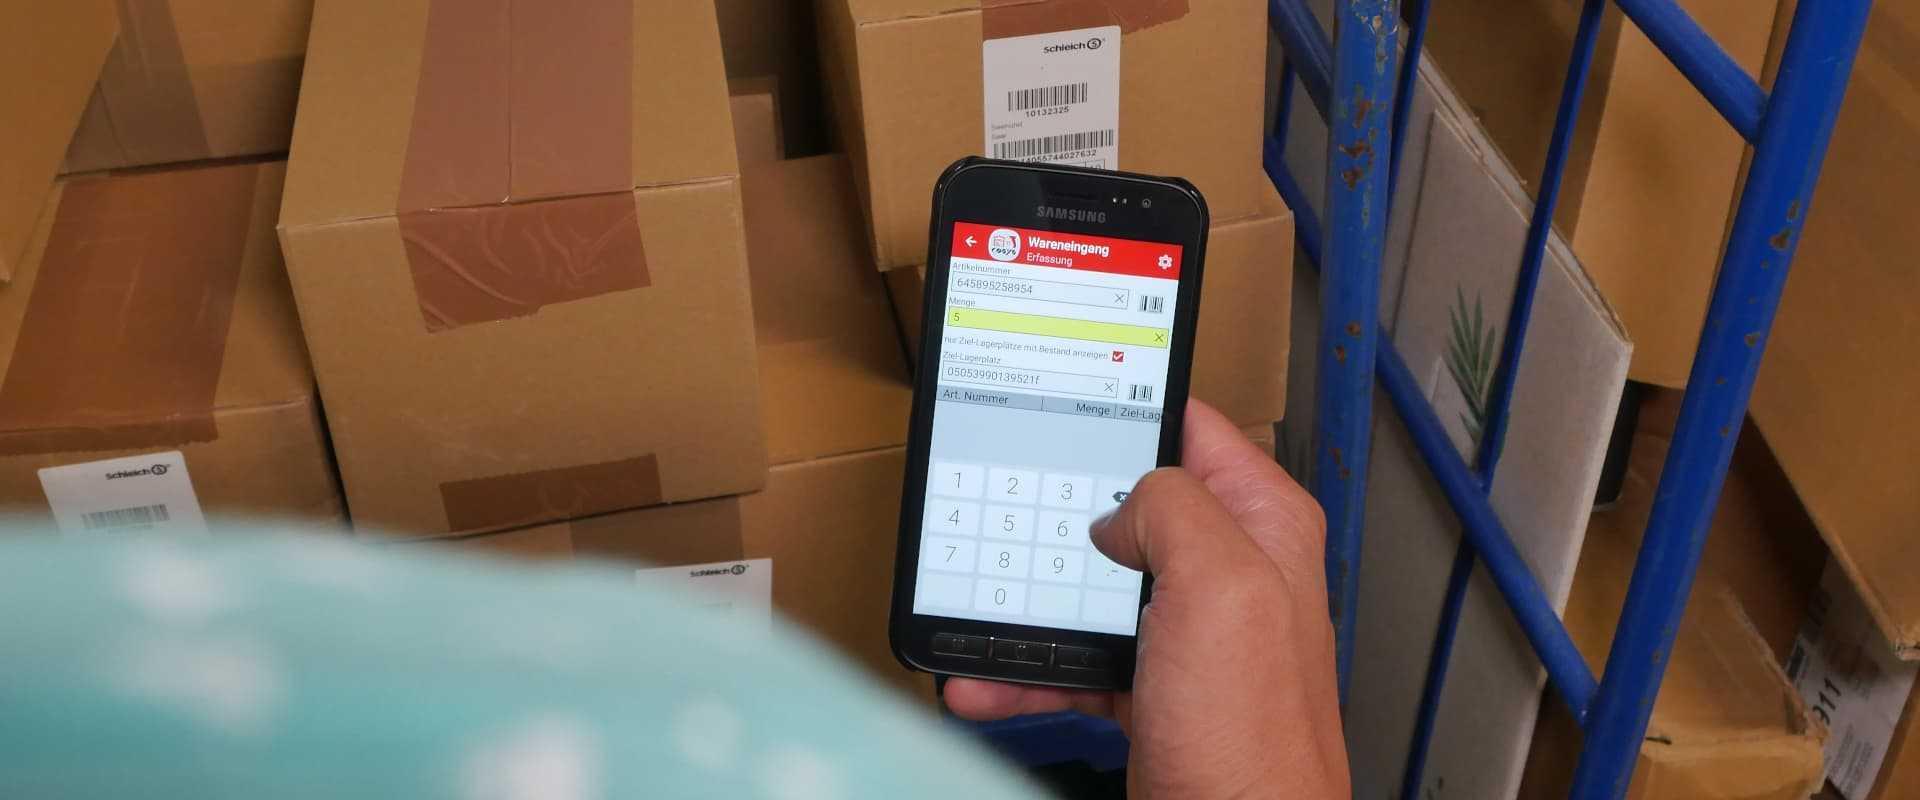 Digitale Lagerverwaltung im Lebensmittelhandel